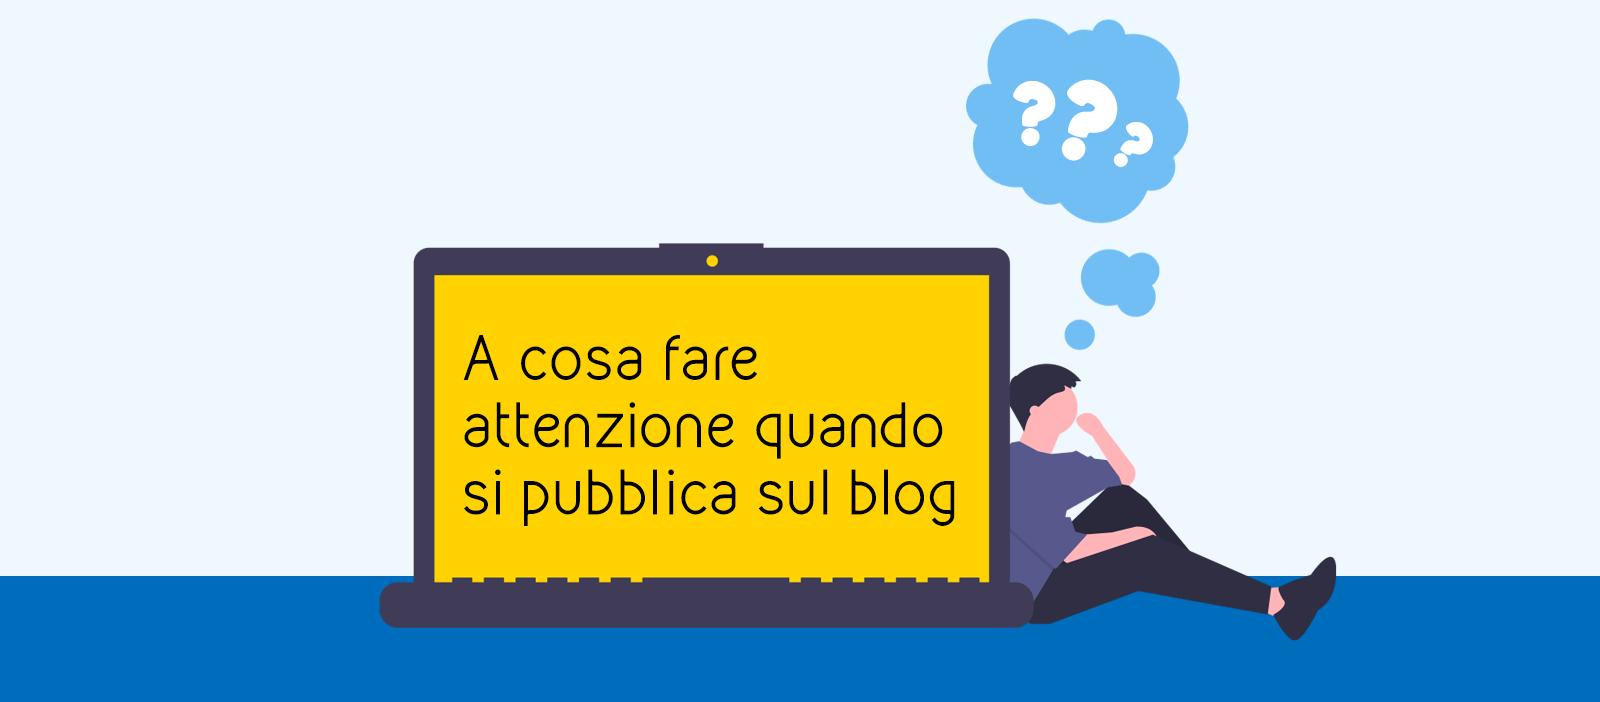 A cosa fare attenzione quando si pubblica sul blog